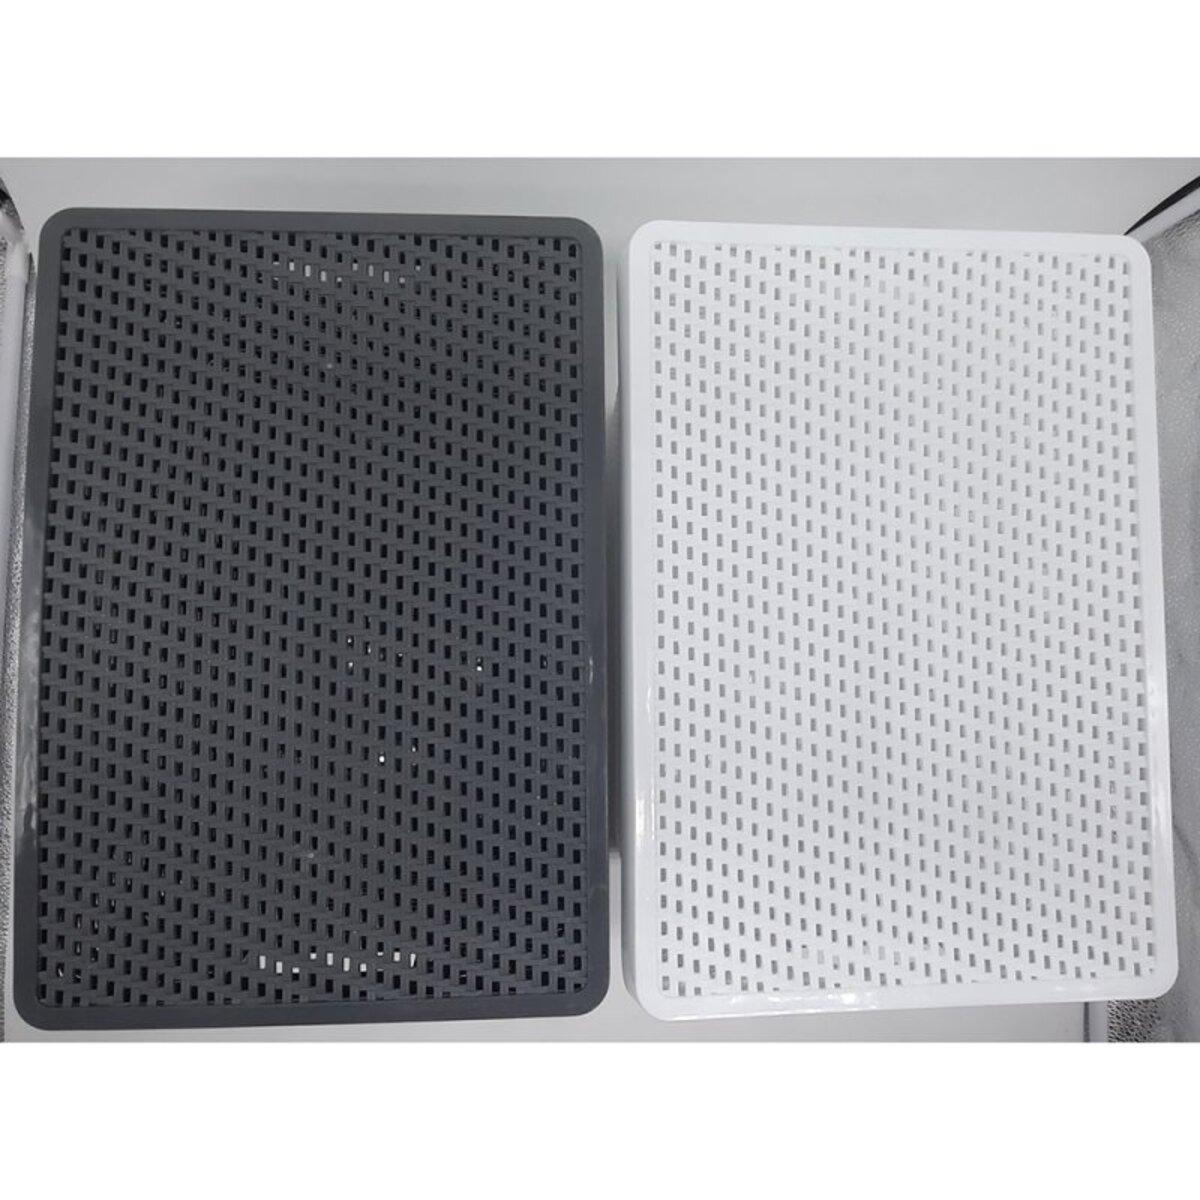 Bild 2 von Aufbewahrungsbox mit Deckel, 37 x 26,5 x 23 cm, verschiedene Farben